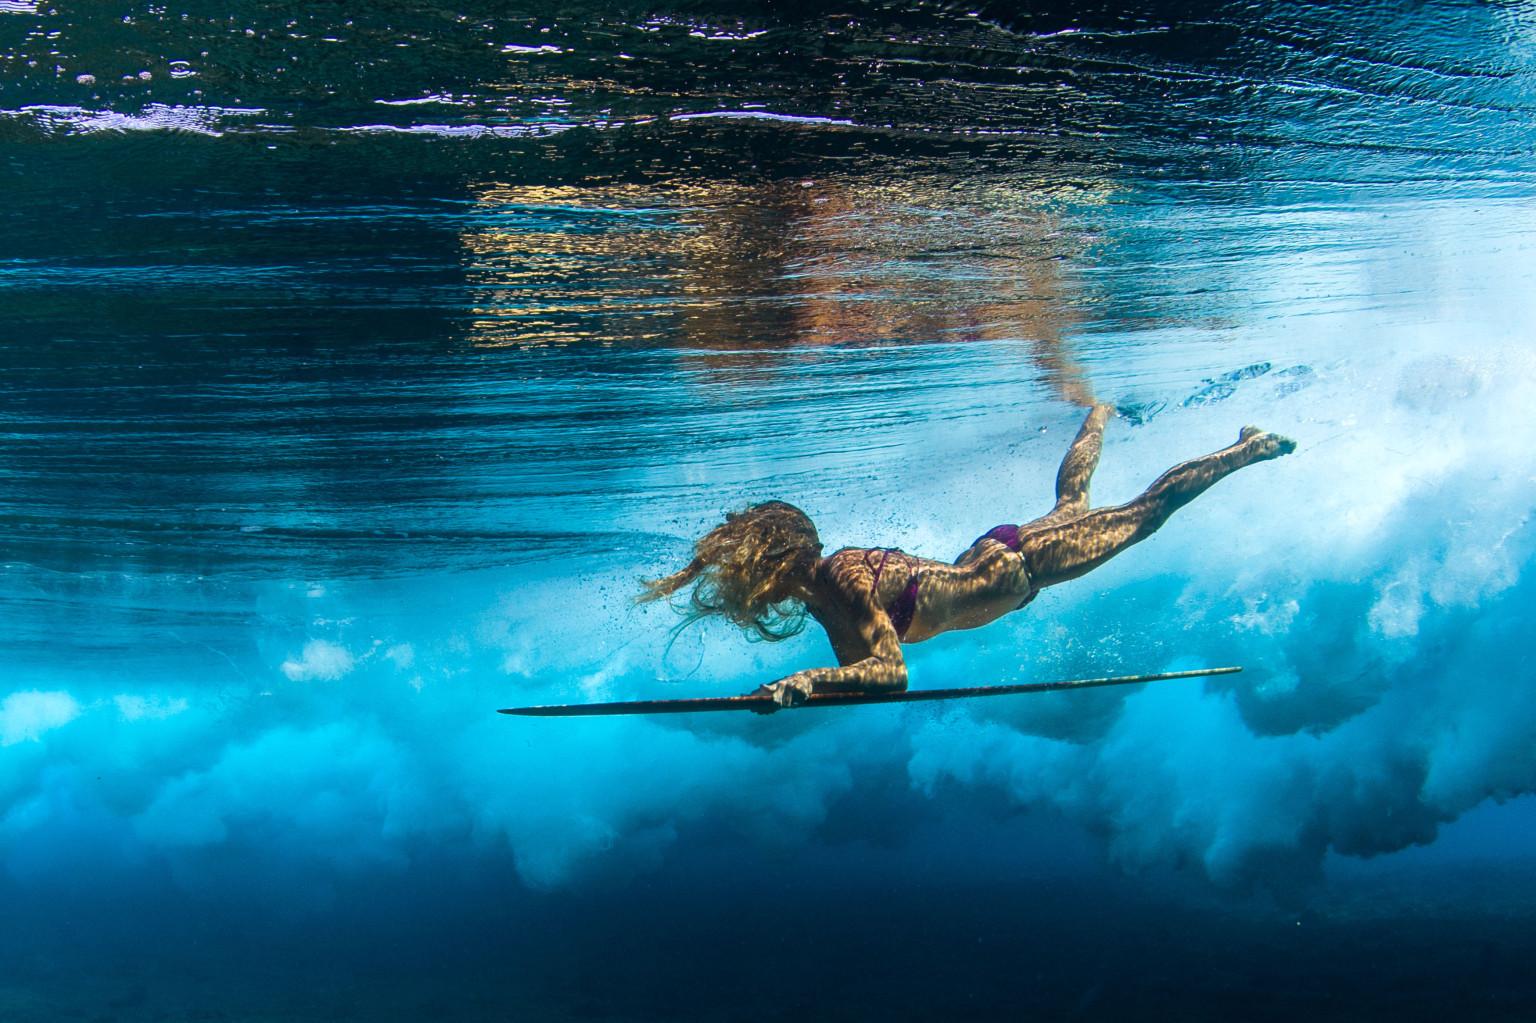 Съёмки под водой голые девочки 20 фотография